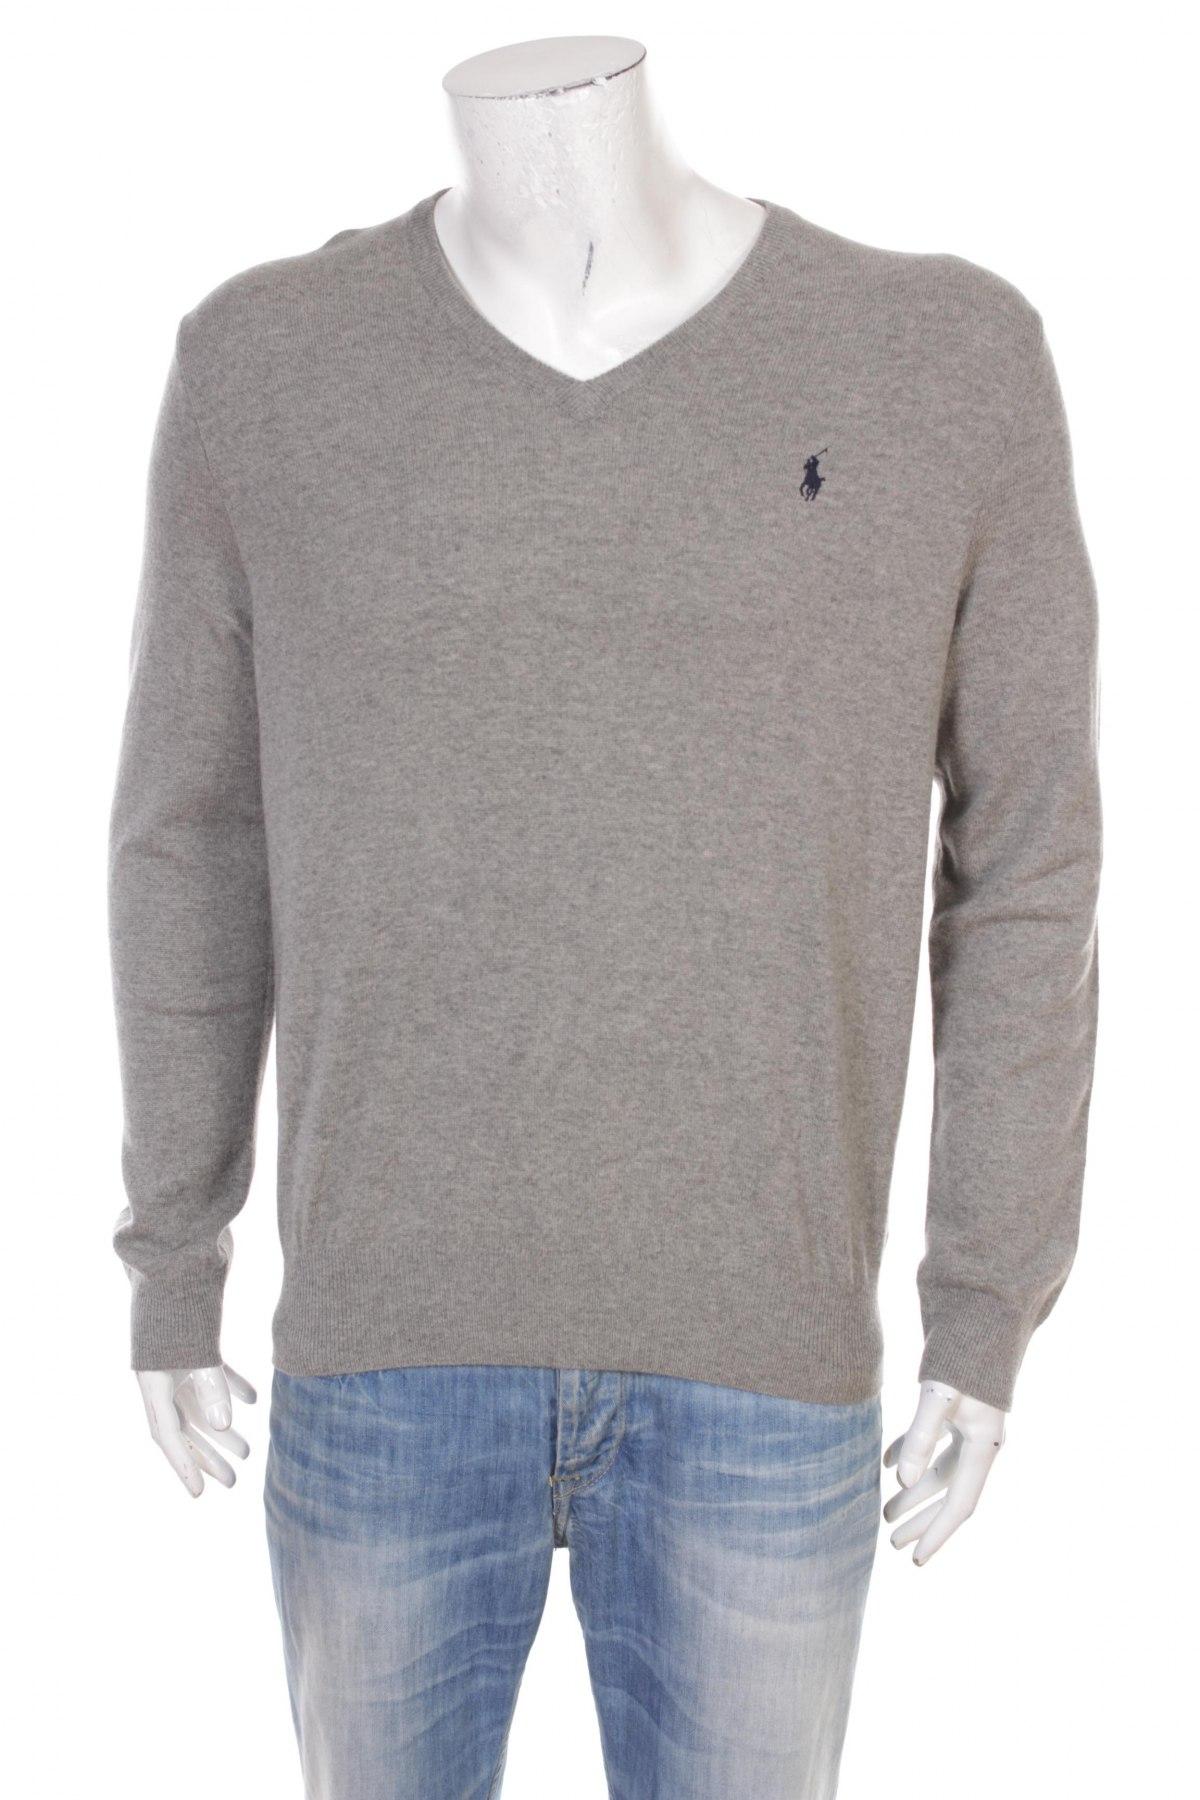 b04f99ebfc Férfi pulóver Polo By Ralph Lauren - kedvező áron Remixben - #100035066